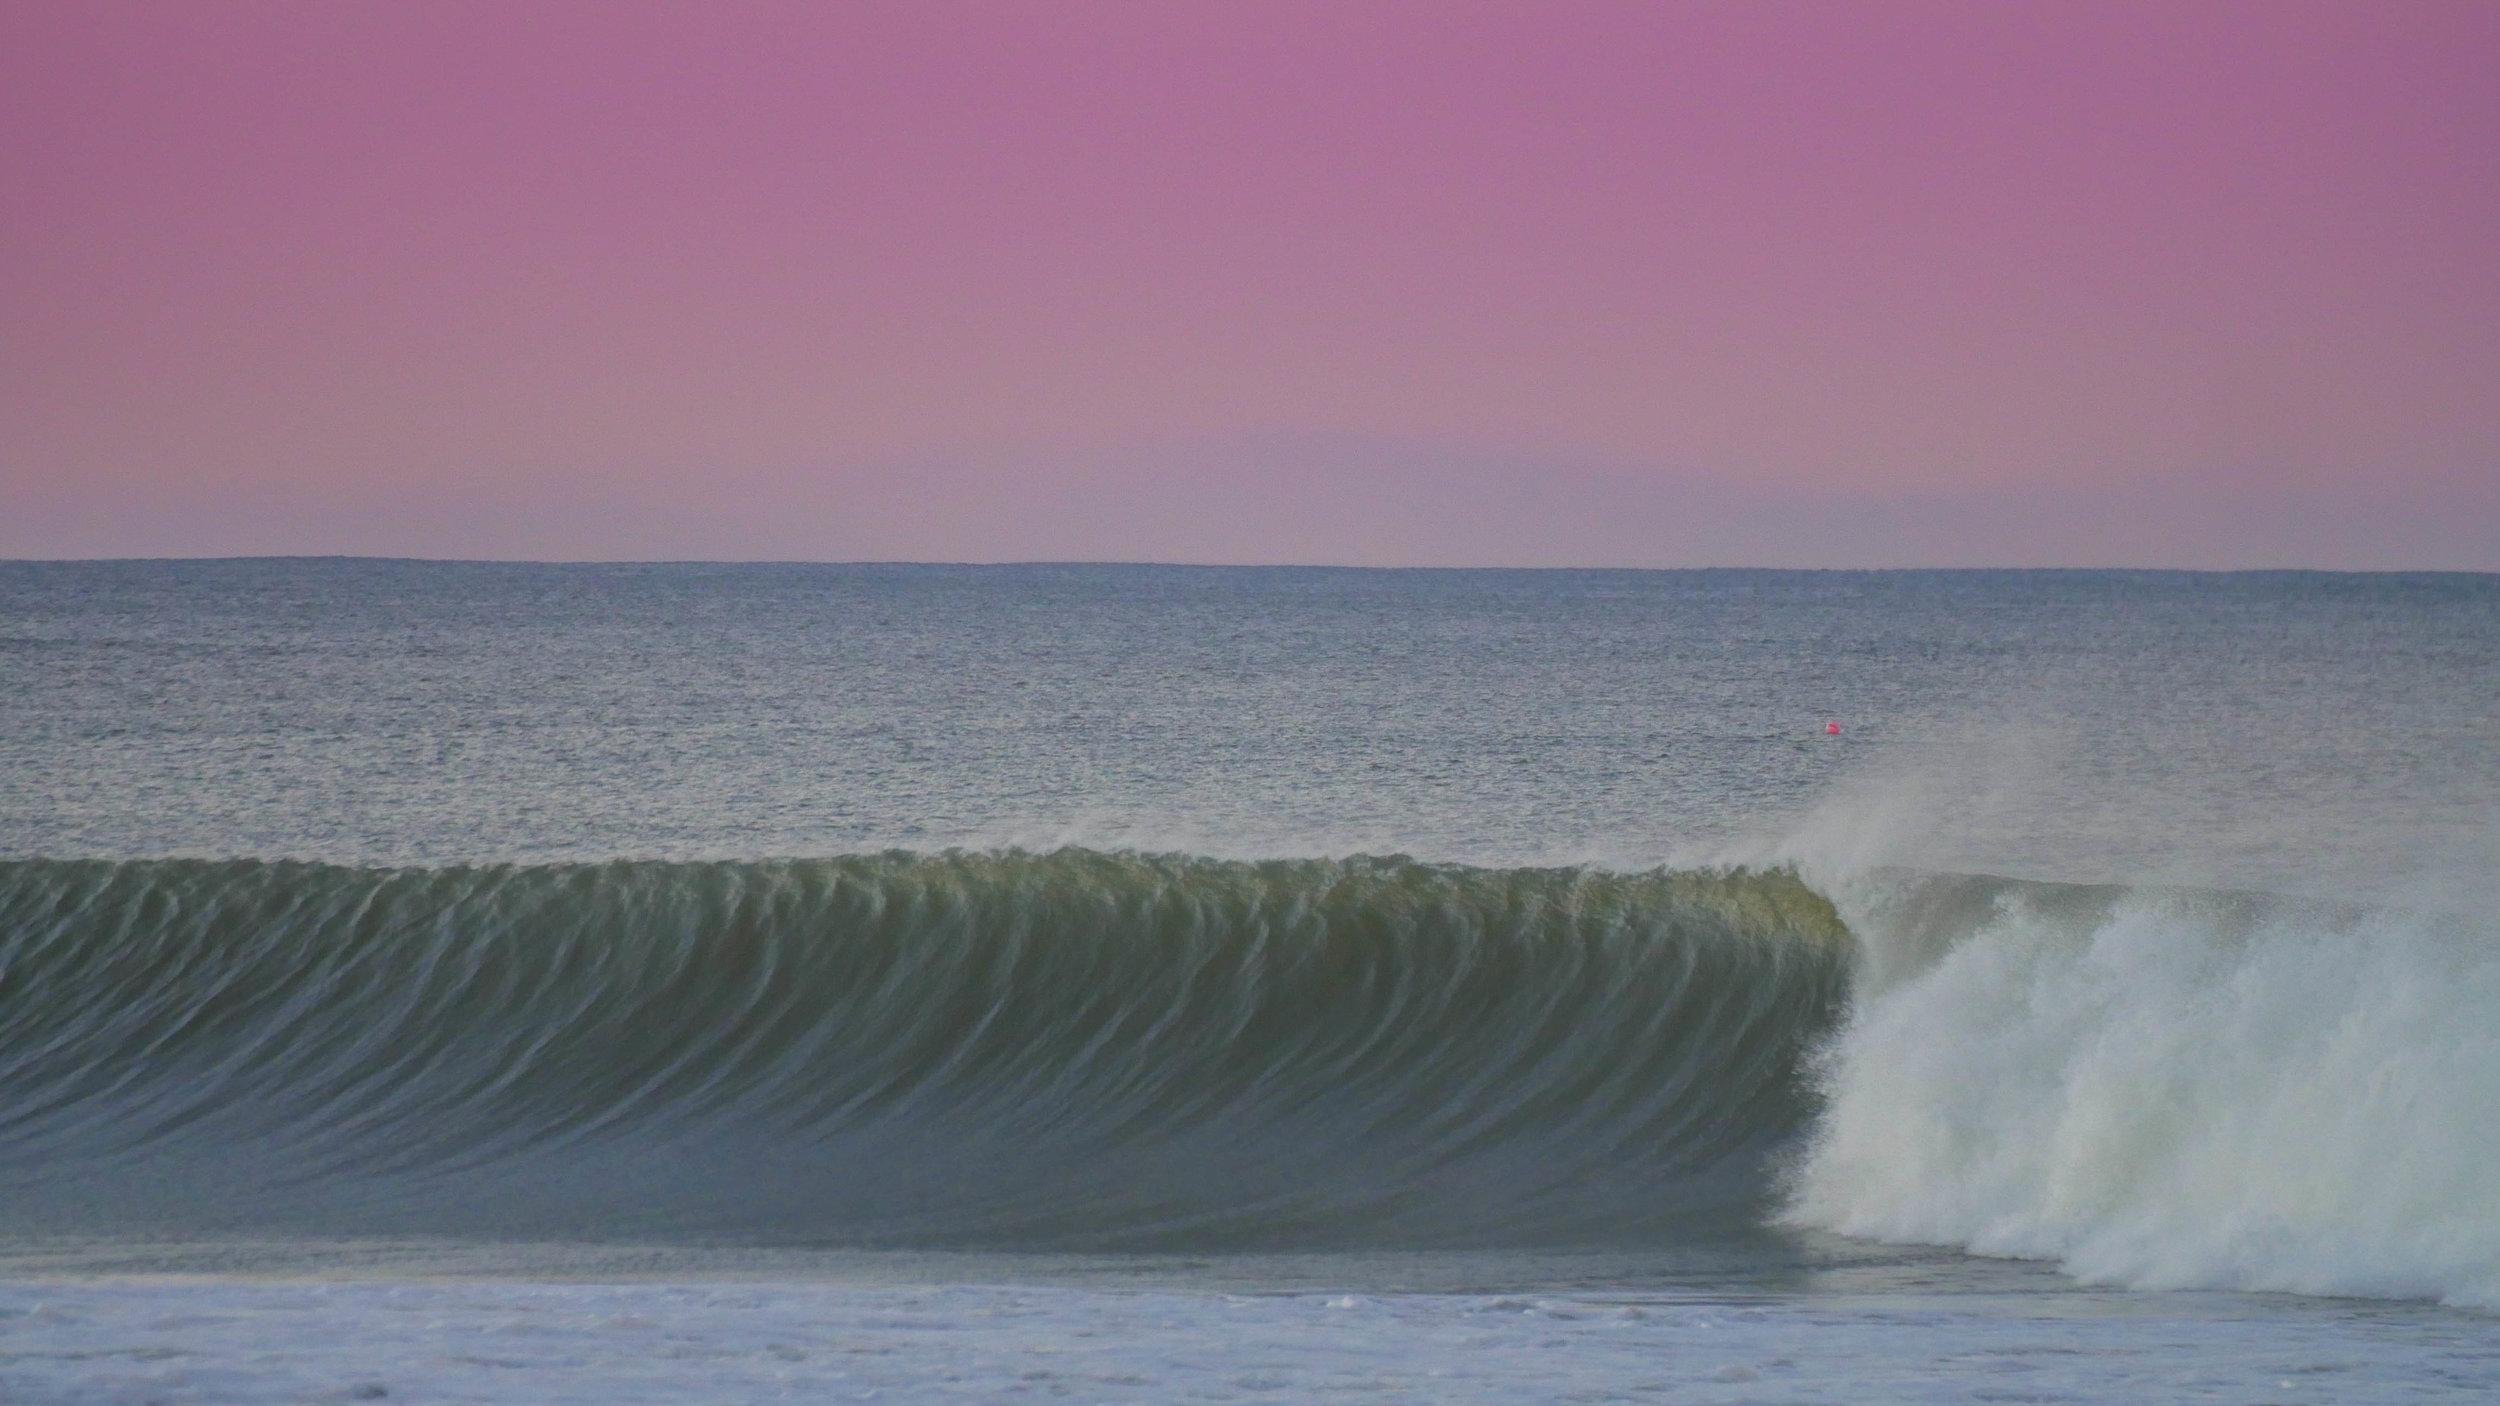 Snapper Rocks, Surf